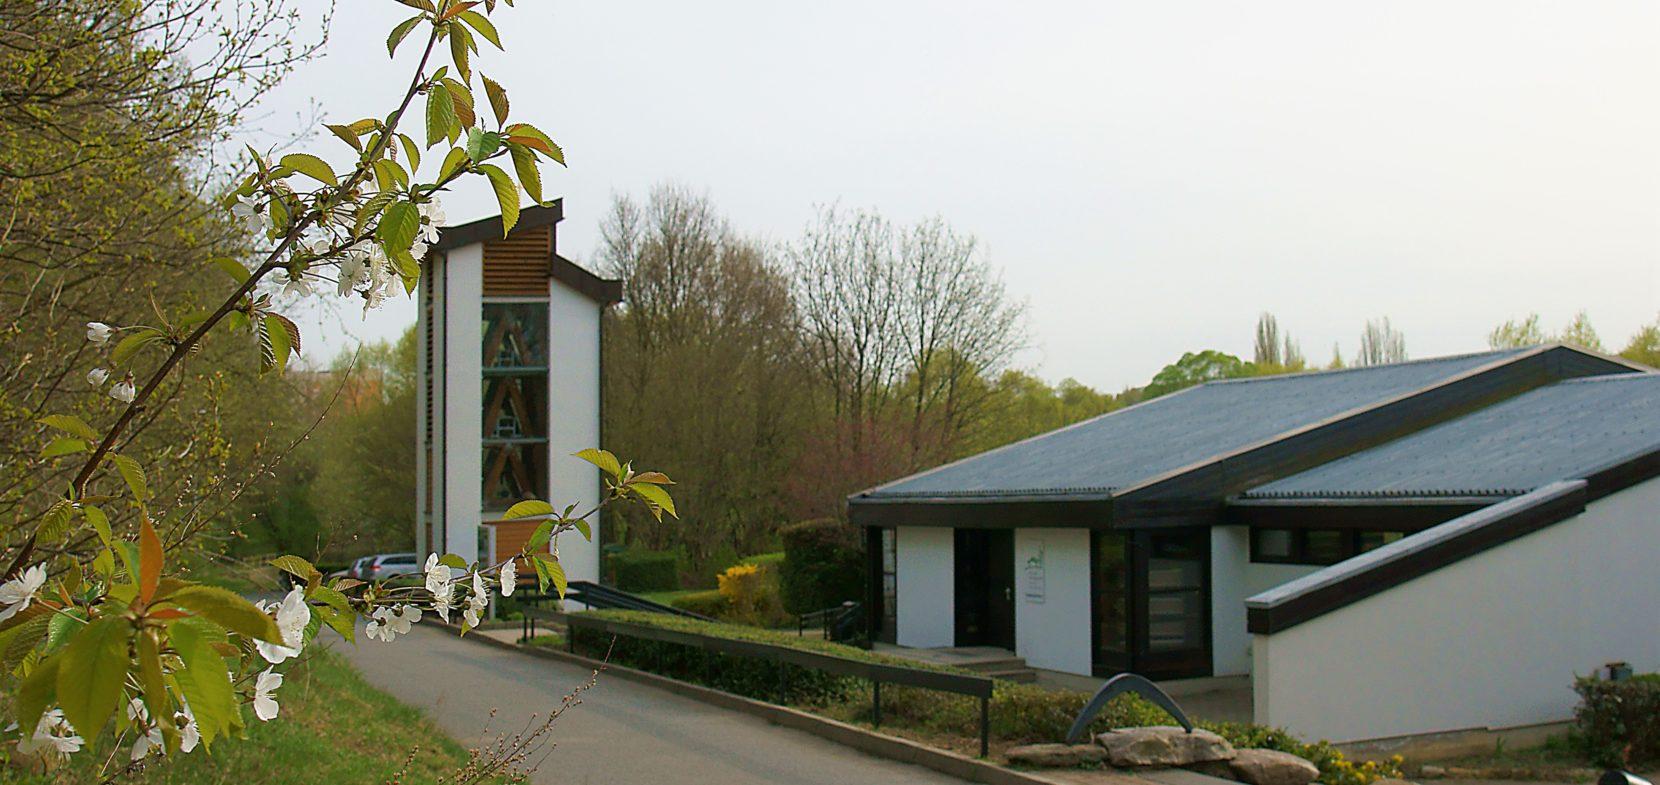 Ev.-Luth. Kirchgemeinde Bautzen-Gesundbrunnen im Kirchspiel Bautzen